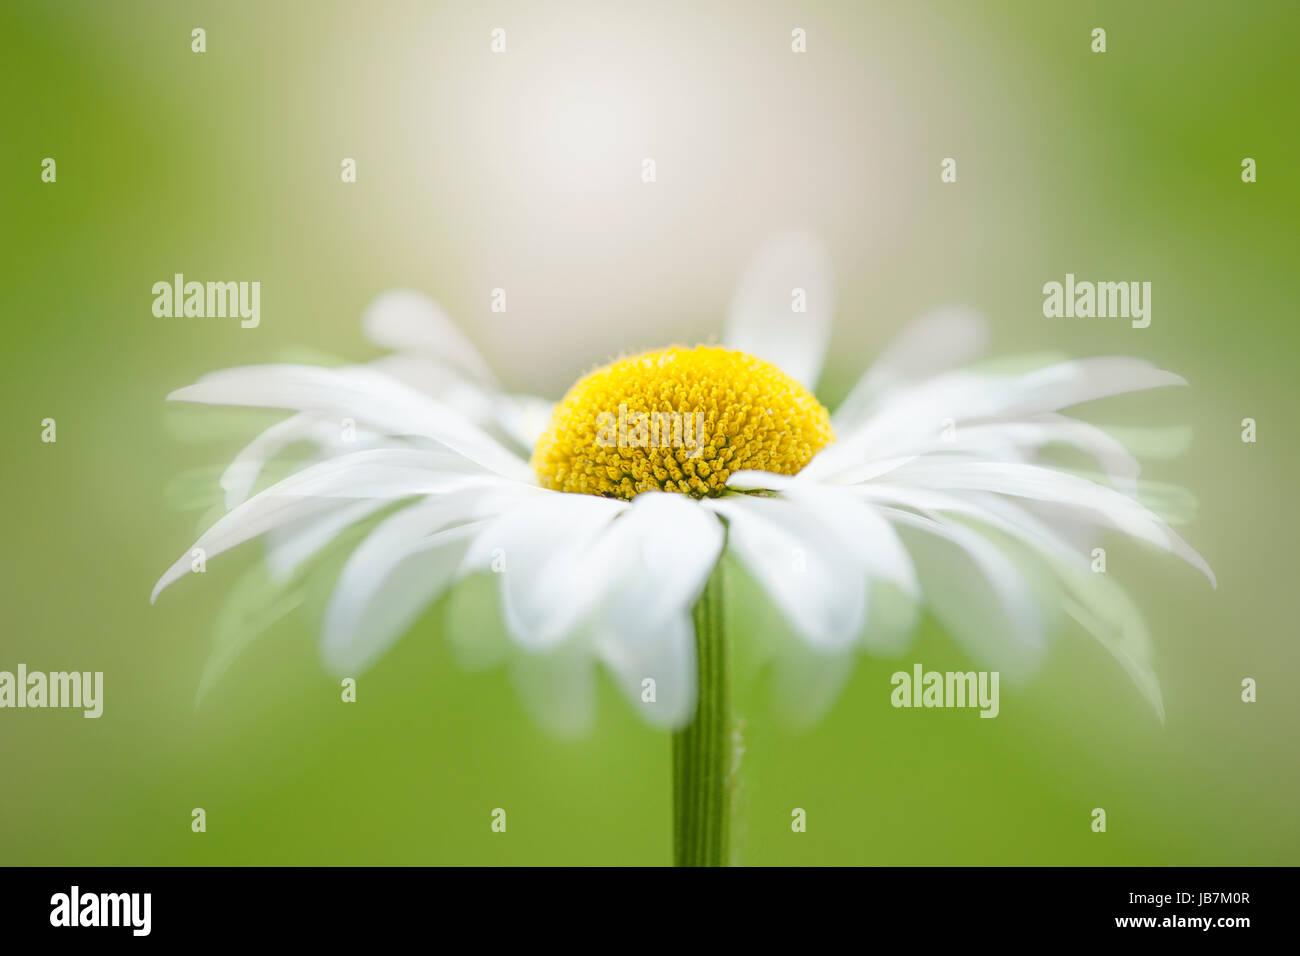 Close Up Creative Image De La Marguerite Blanche Fleur Blanche